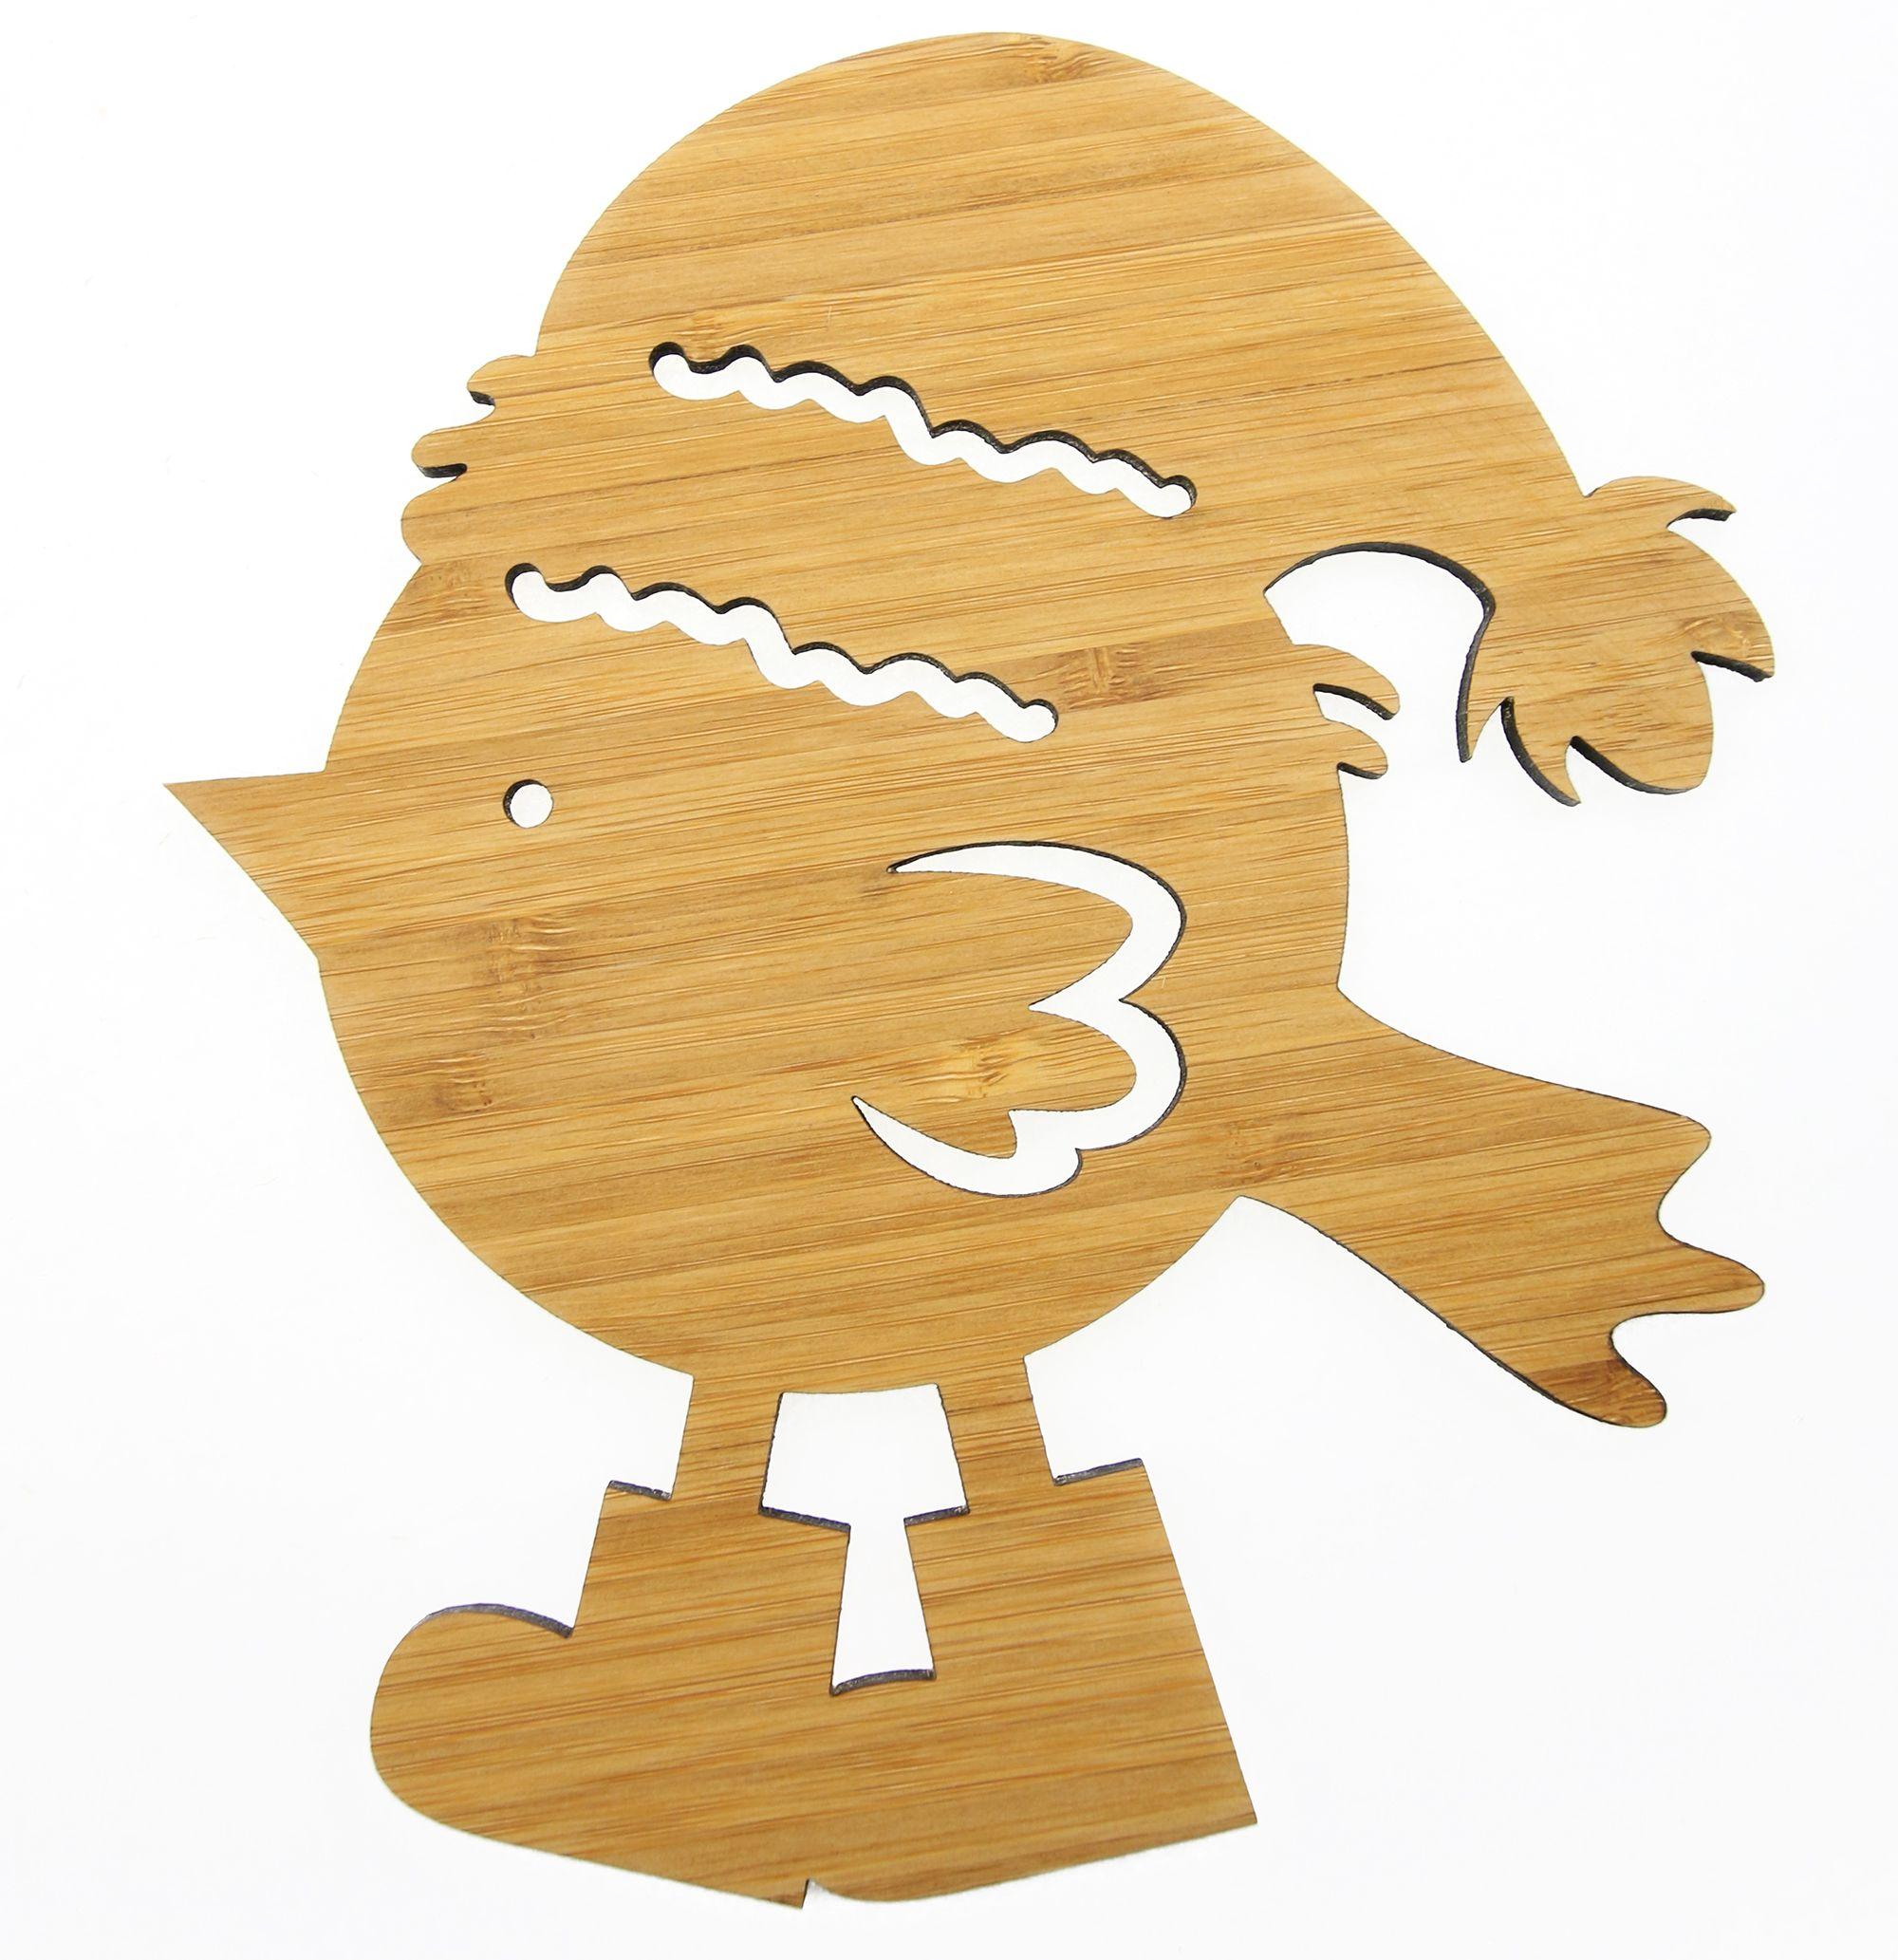 Wanddeko Wintervogel mit Stiefeln aus Bambus  Coffee - Das Original von Mr. & Mrs. Panda.      Über unser Motiv Wintervogel mit Stiefeln  In der Winterzeit kann man unsere heimischen Vögel beobachten, wie sie fleißig auf Nahrungssuche gehen. Damit unser Wintervogel nicht friert, hat er sich warm eingepackt. Da dürfen natürlich Winterstiefelchen nicht fehlen.    Verwendete Materialien  Bambus Coffee ist ein sehr schönes Naturholz, welches durch seine außergewöhnliche Holz Optik besticht und…